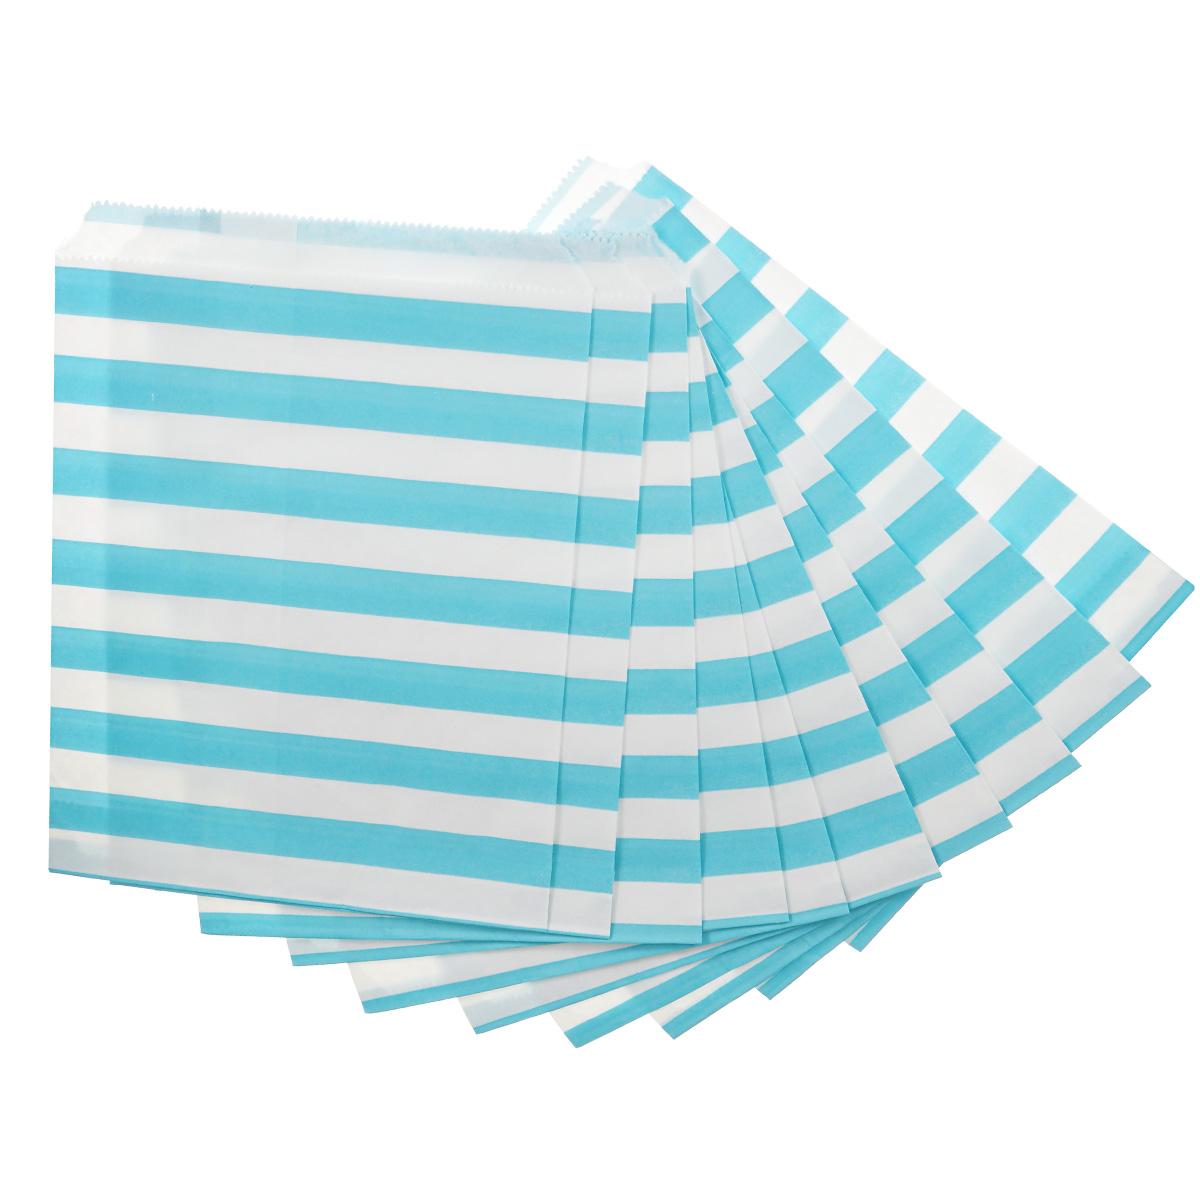 Пакеты бумажные Dolce Arti Stripes, для выпечки, цвет: голубой, 10 штDA040218Бумажные пакеты Dolce Arti Stripes очень многофункциональны. Их можно использовать насколько хватит вашей фантазии: для выпекания, для упаковки маленьких подарков, сладостей и многого другого. Размер: 13 см х 18 см.